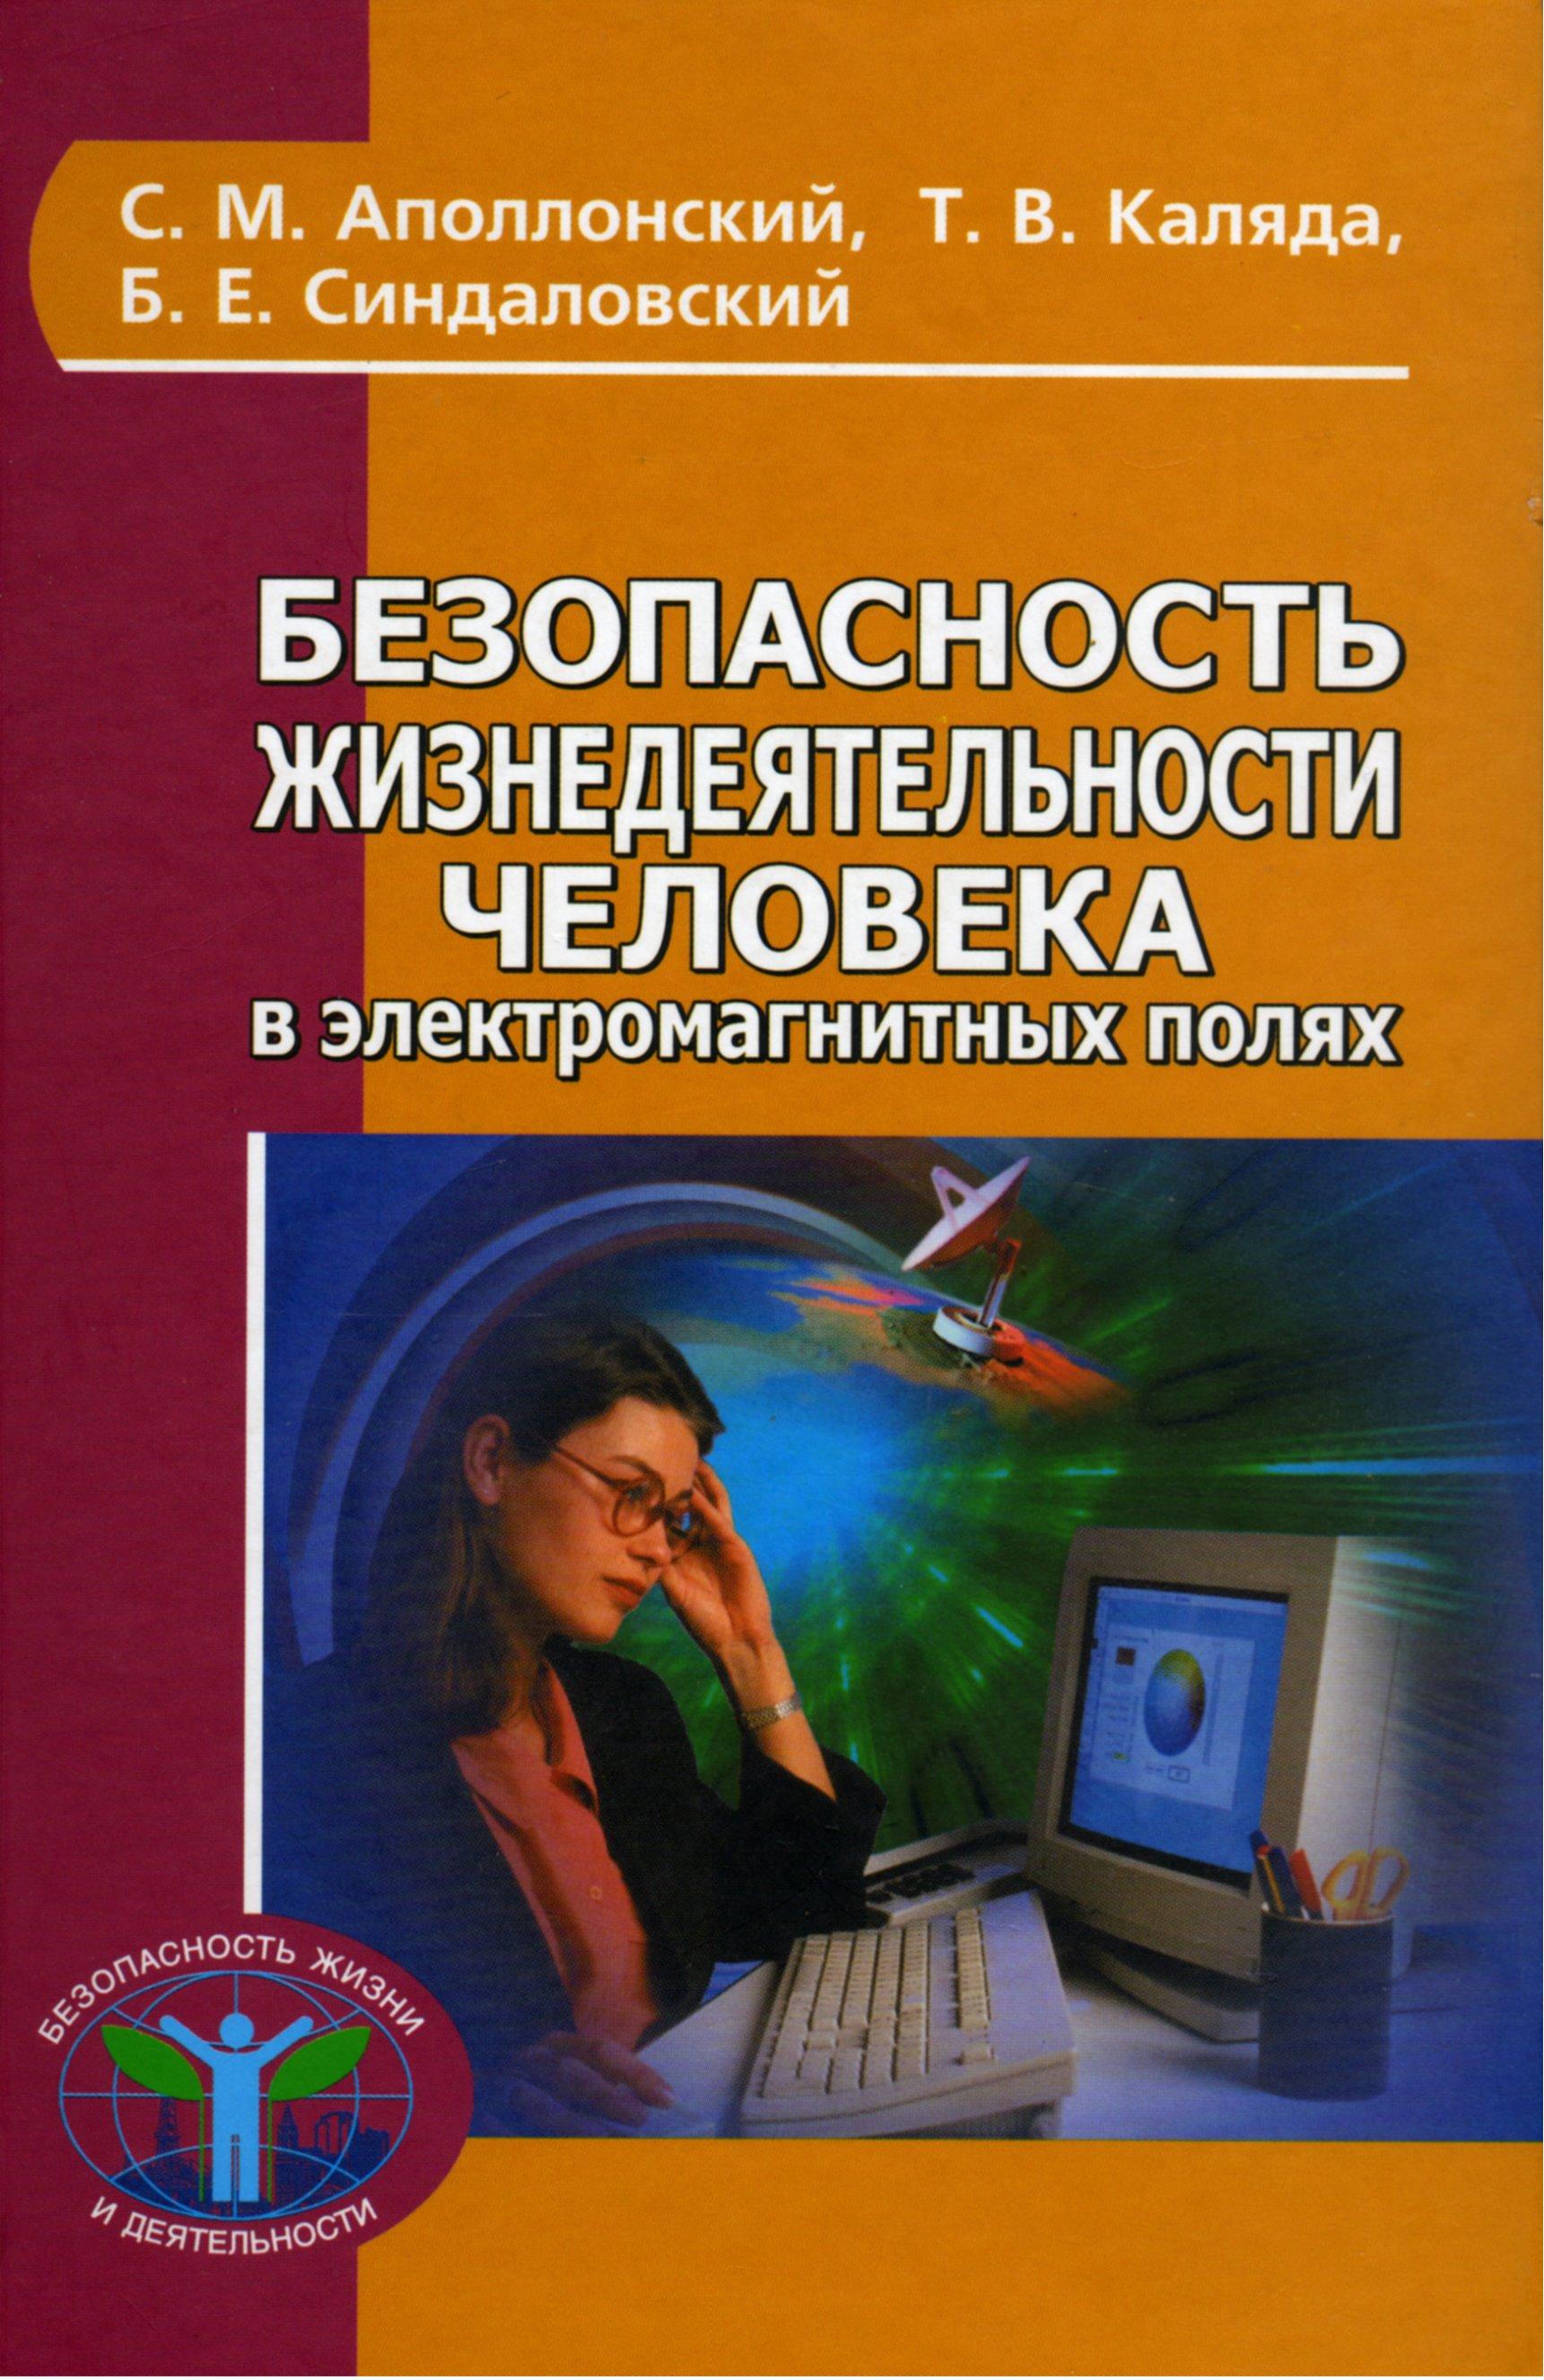 С. М. Аполлонский Безопасность жизнедеятельности человека в электромагнитных полях стоимость